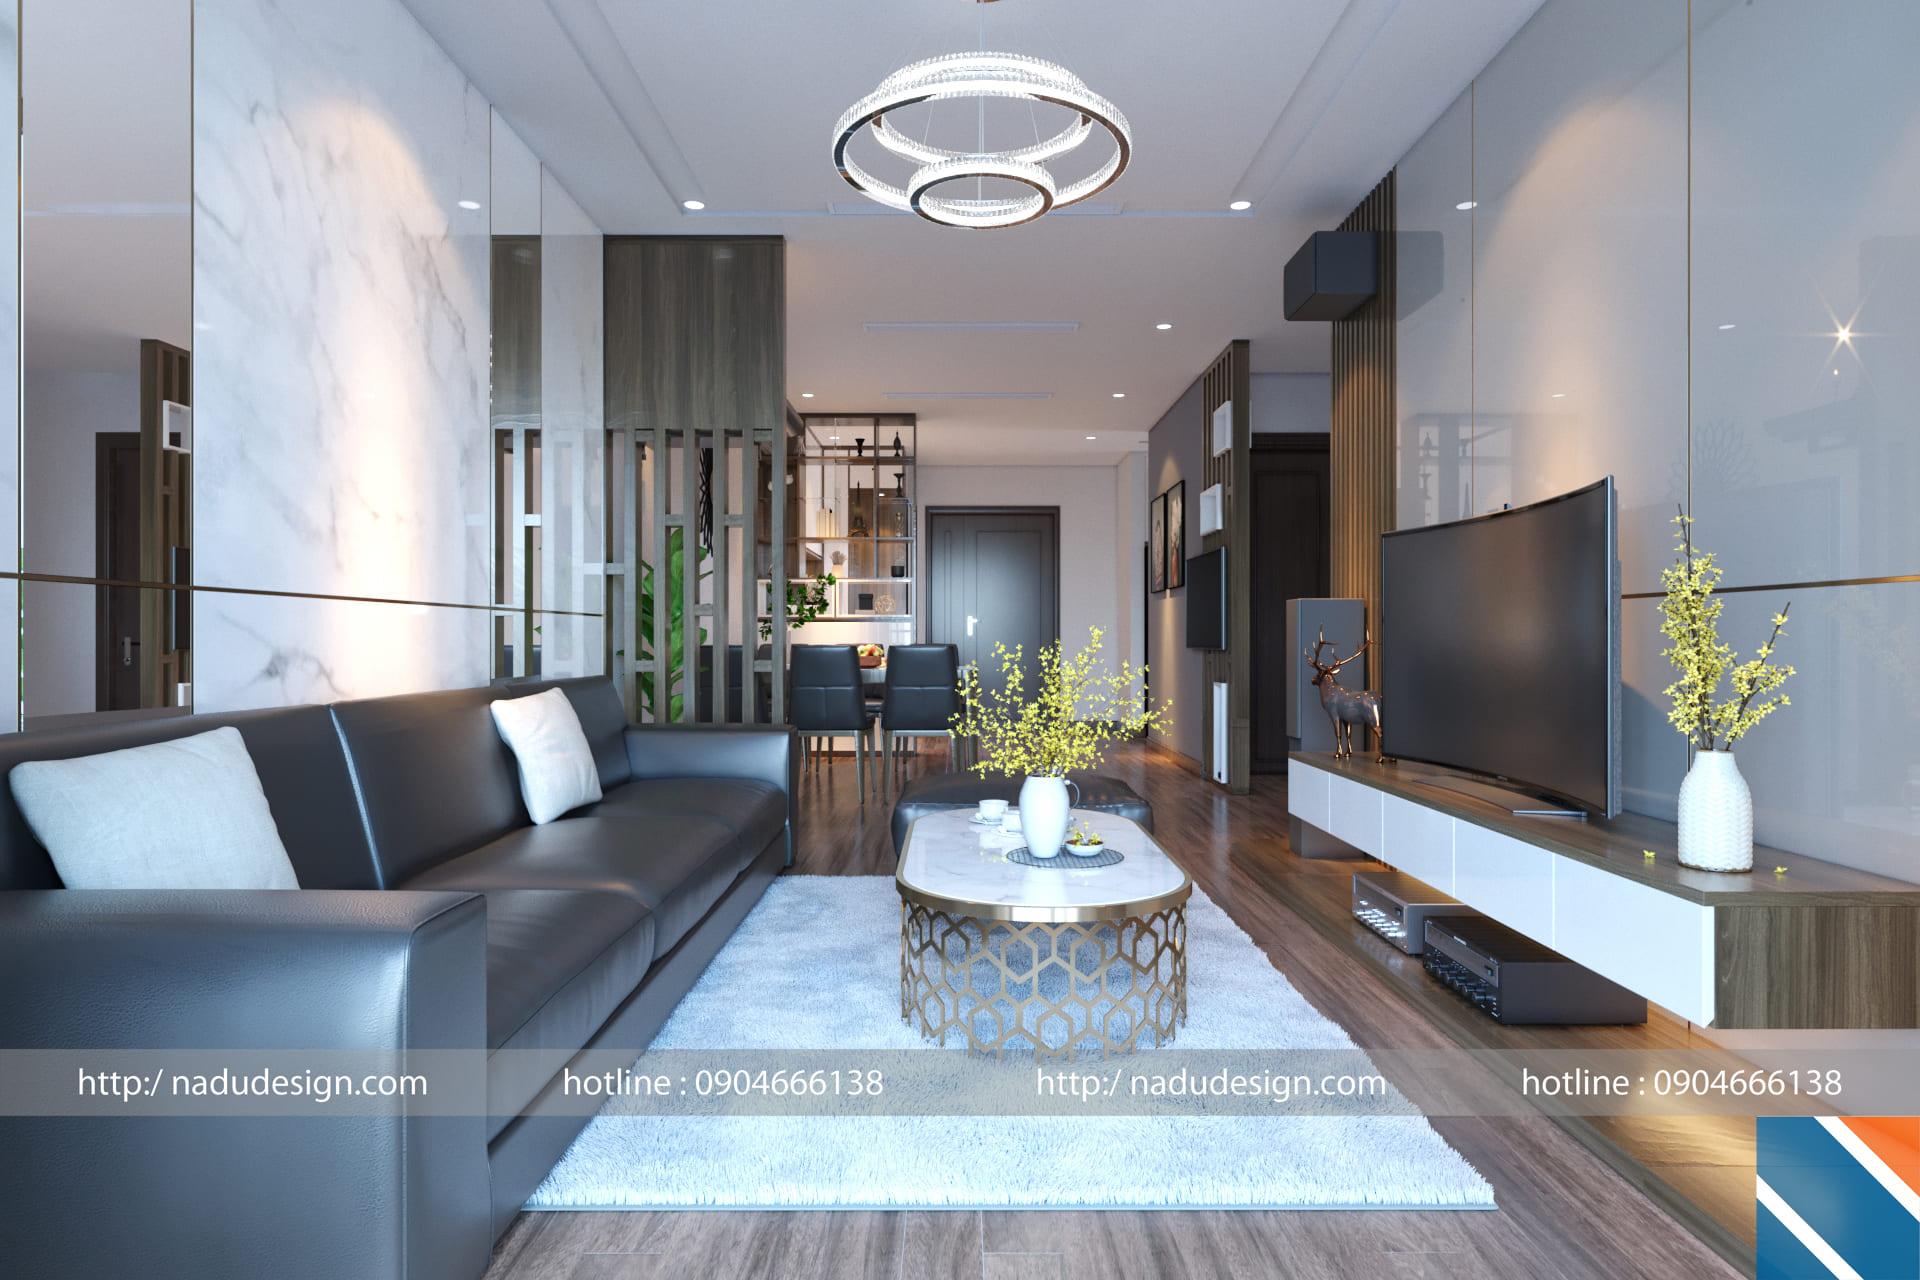 Thiết kế nội thất chung cư Metropolis anh Tiến